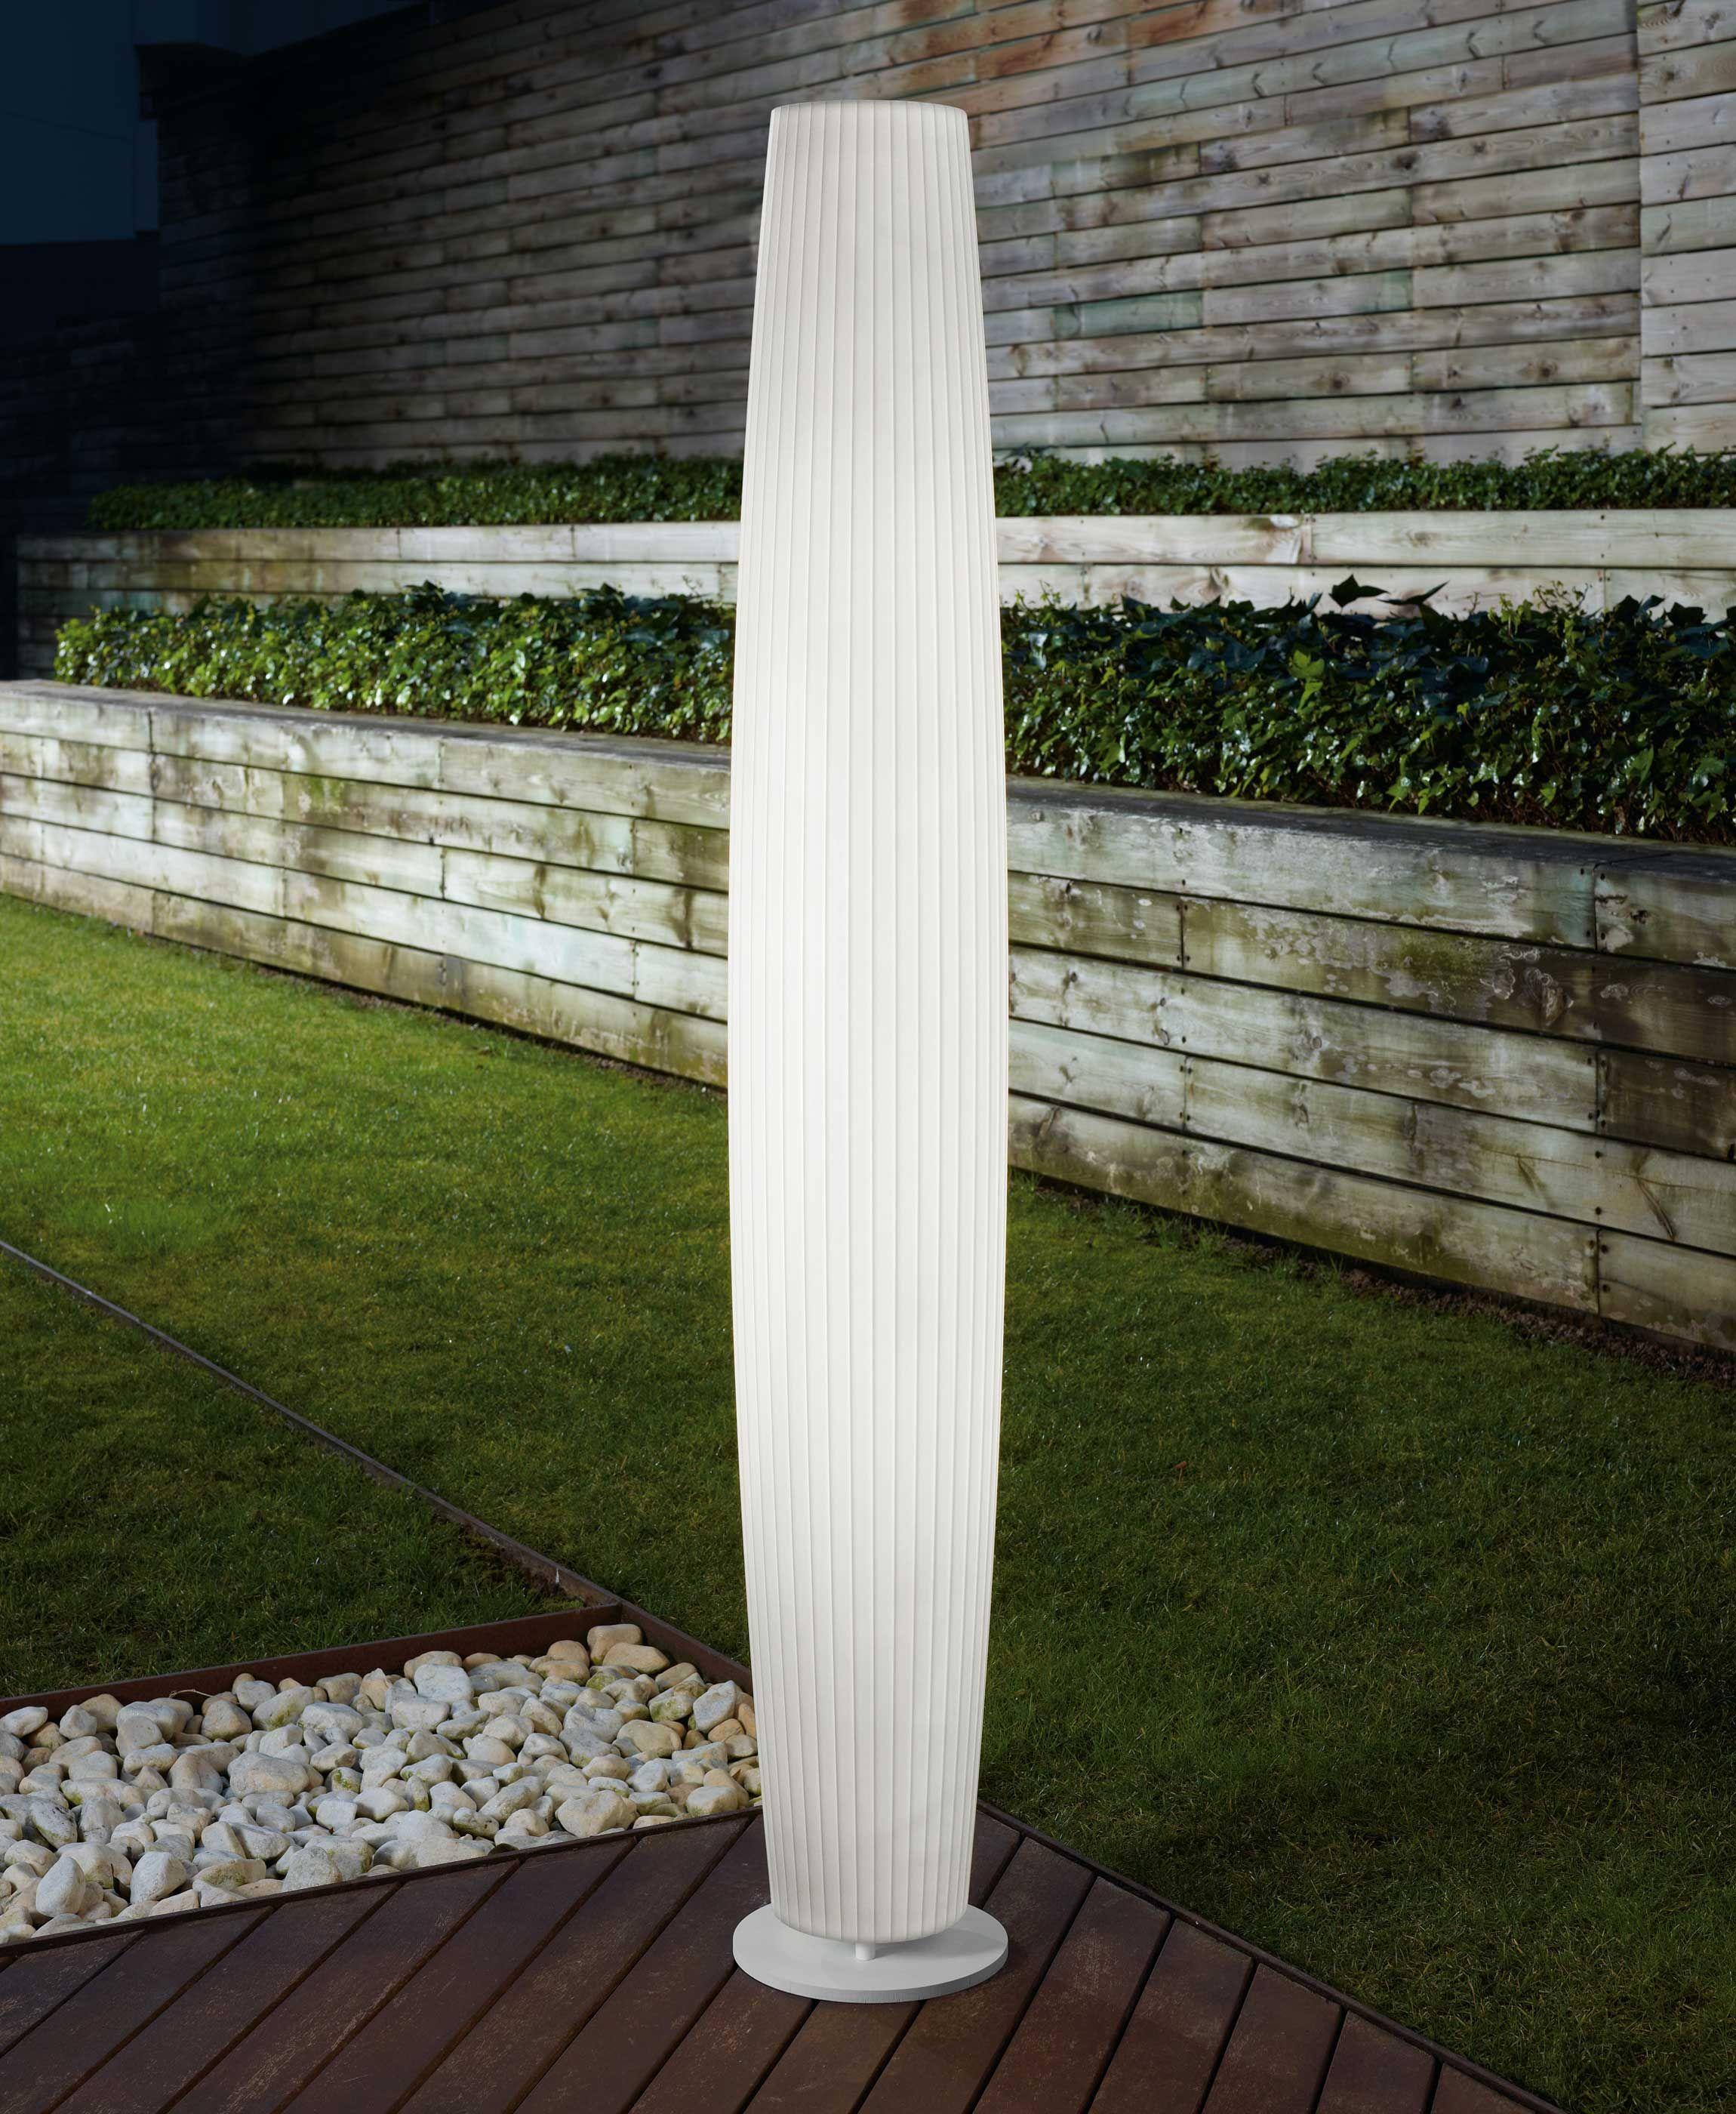 Maxi Outdoor Floor Lamp By Bover 3229500u Outdoor Floor Lamps Outdoor Flooring Outdoor Lamp